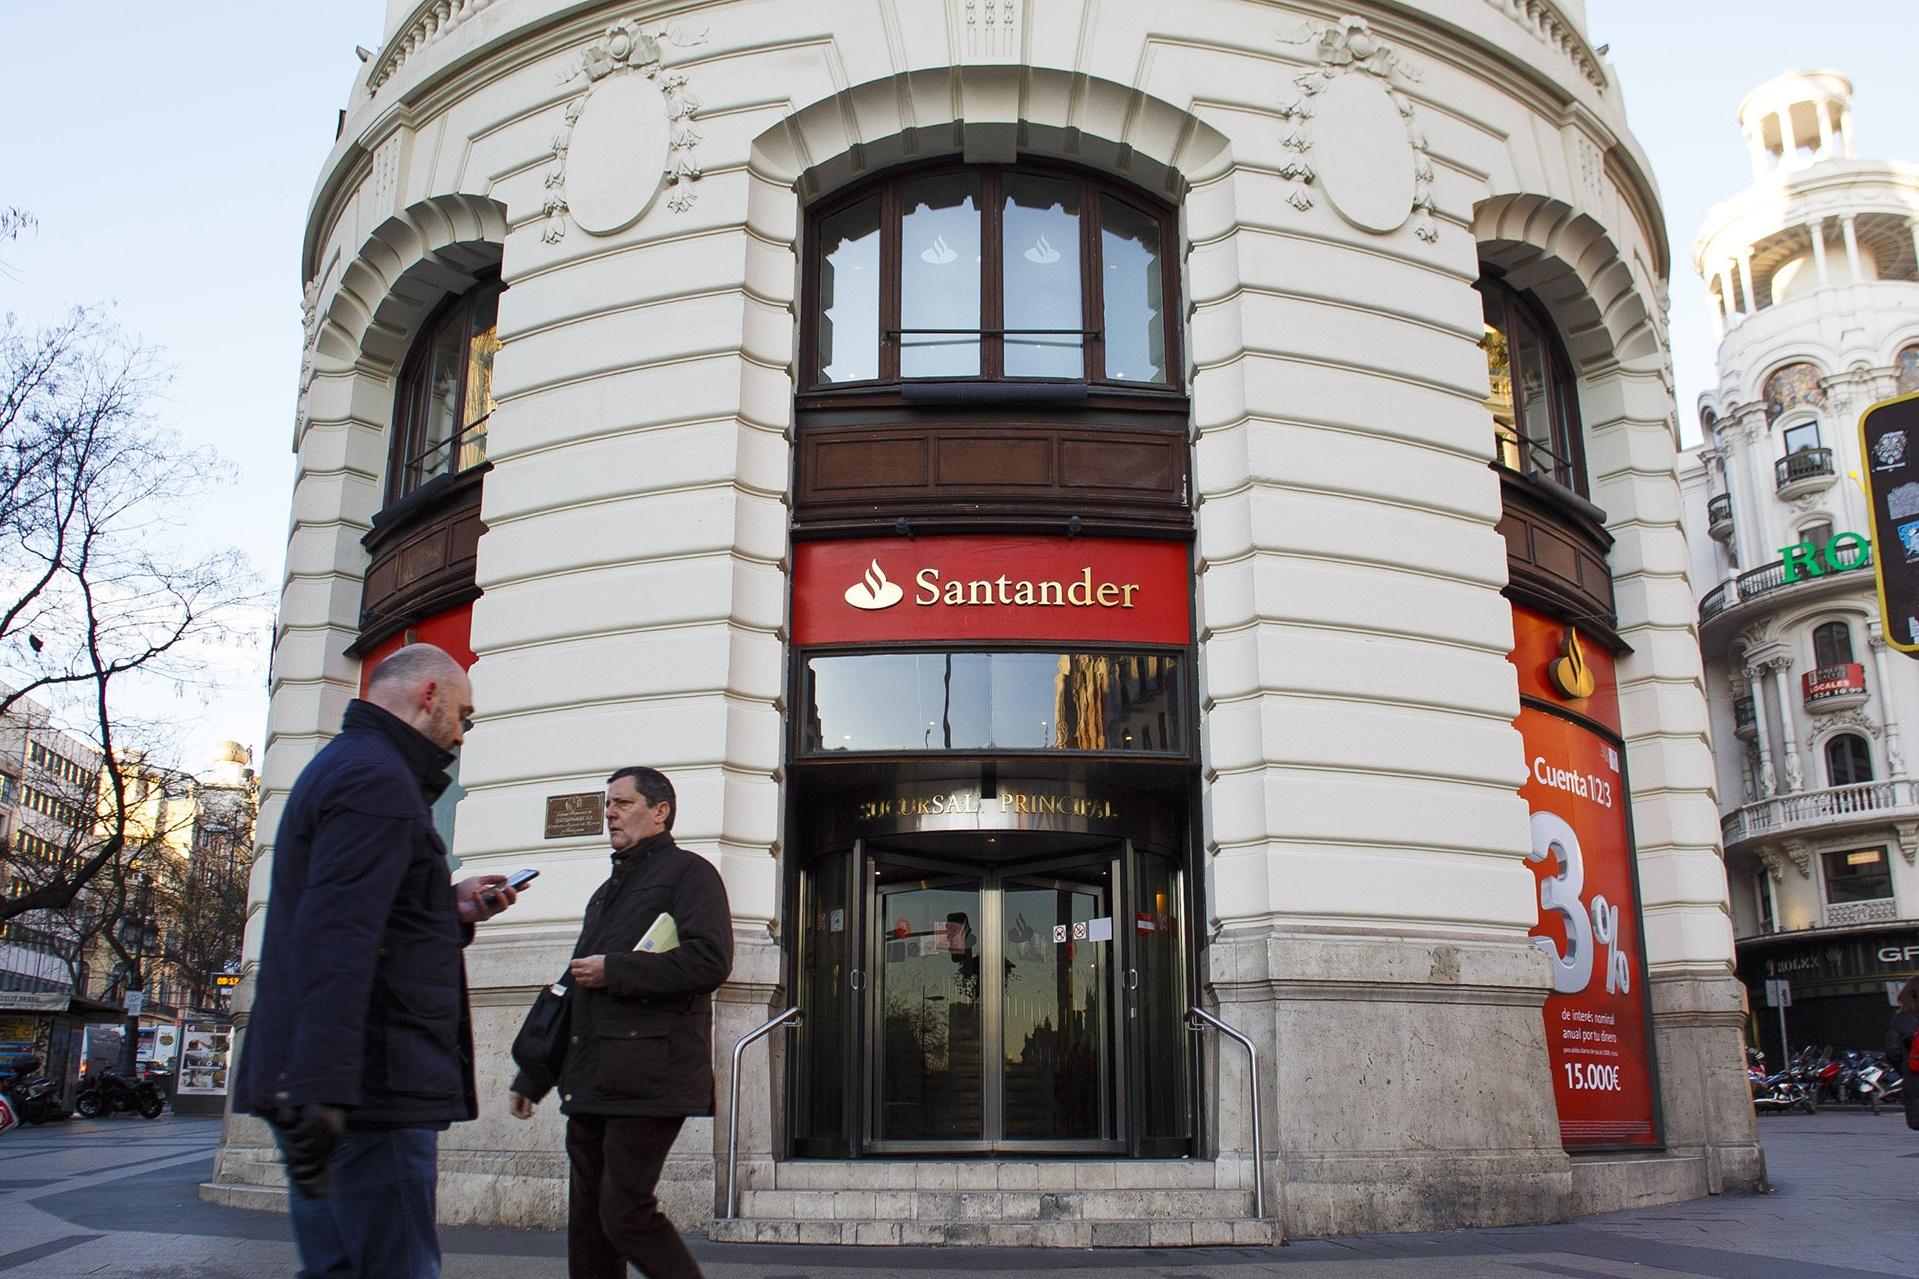 Imagem de Santander: app, internet banking e pagamento com cartões estão fora do ar no tecmundo